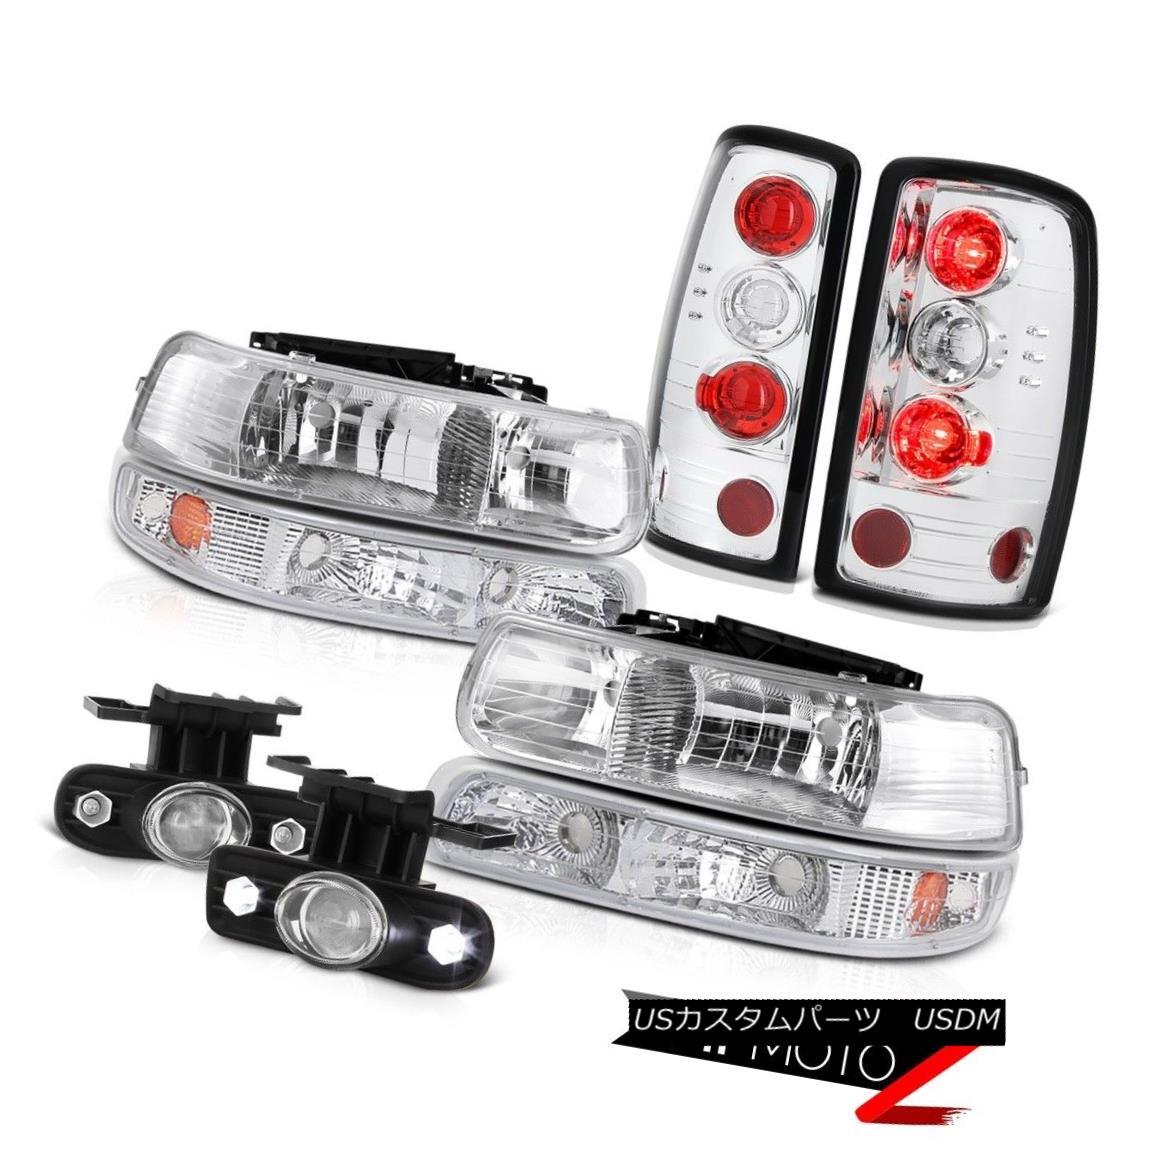 テールライト 2000-2006 Chevy Suburban Barn Door Headlamps Tail Lights Signal Lamp Fog Lamps 2000-2006シボレー郊外の納屋ドアヘッドランプテールライト信号ランプフォグランプ